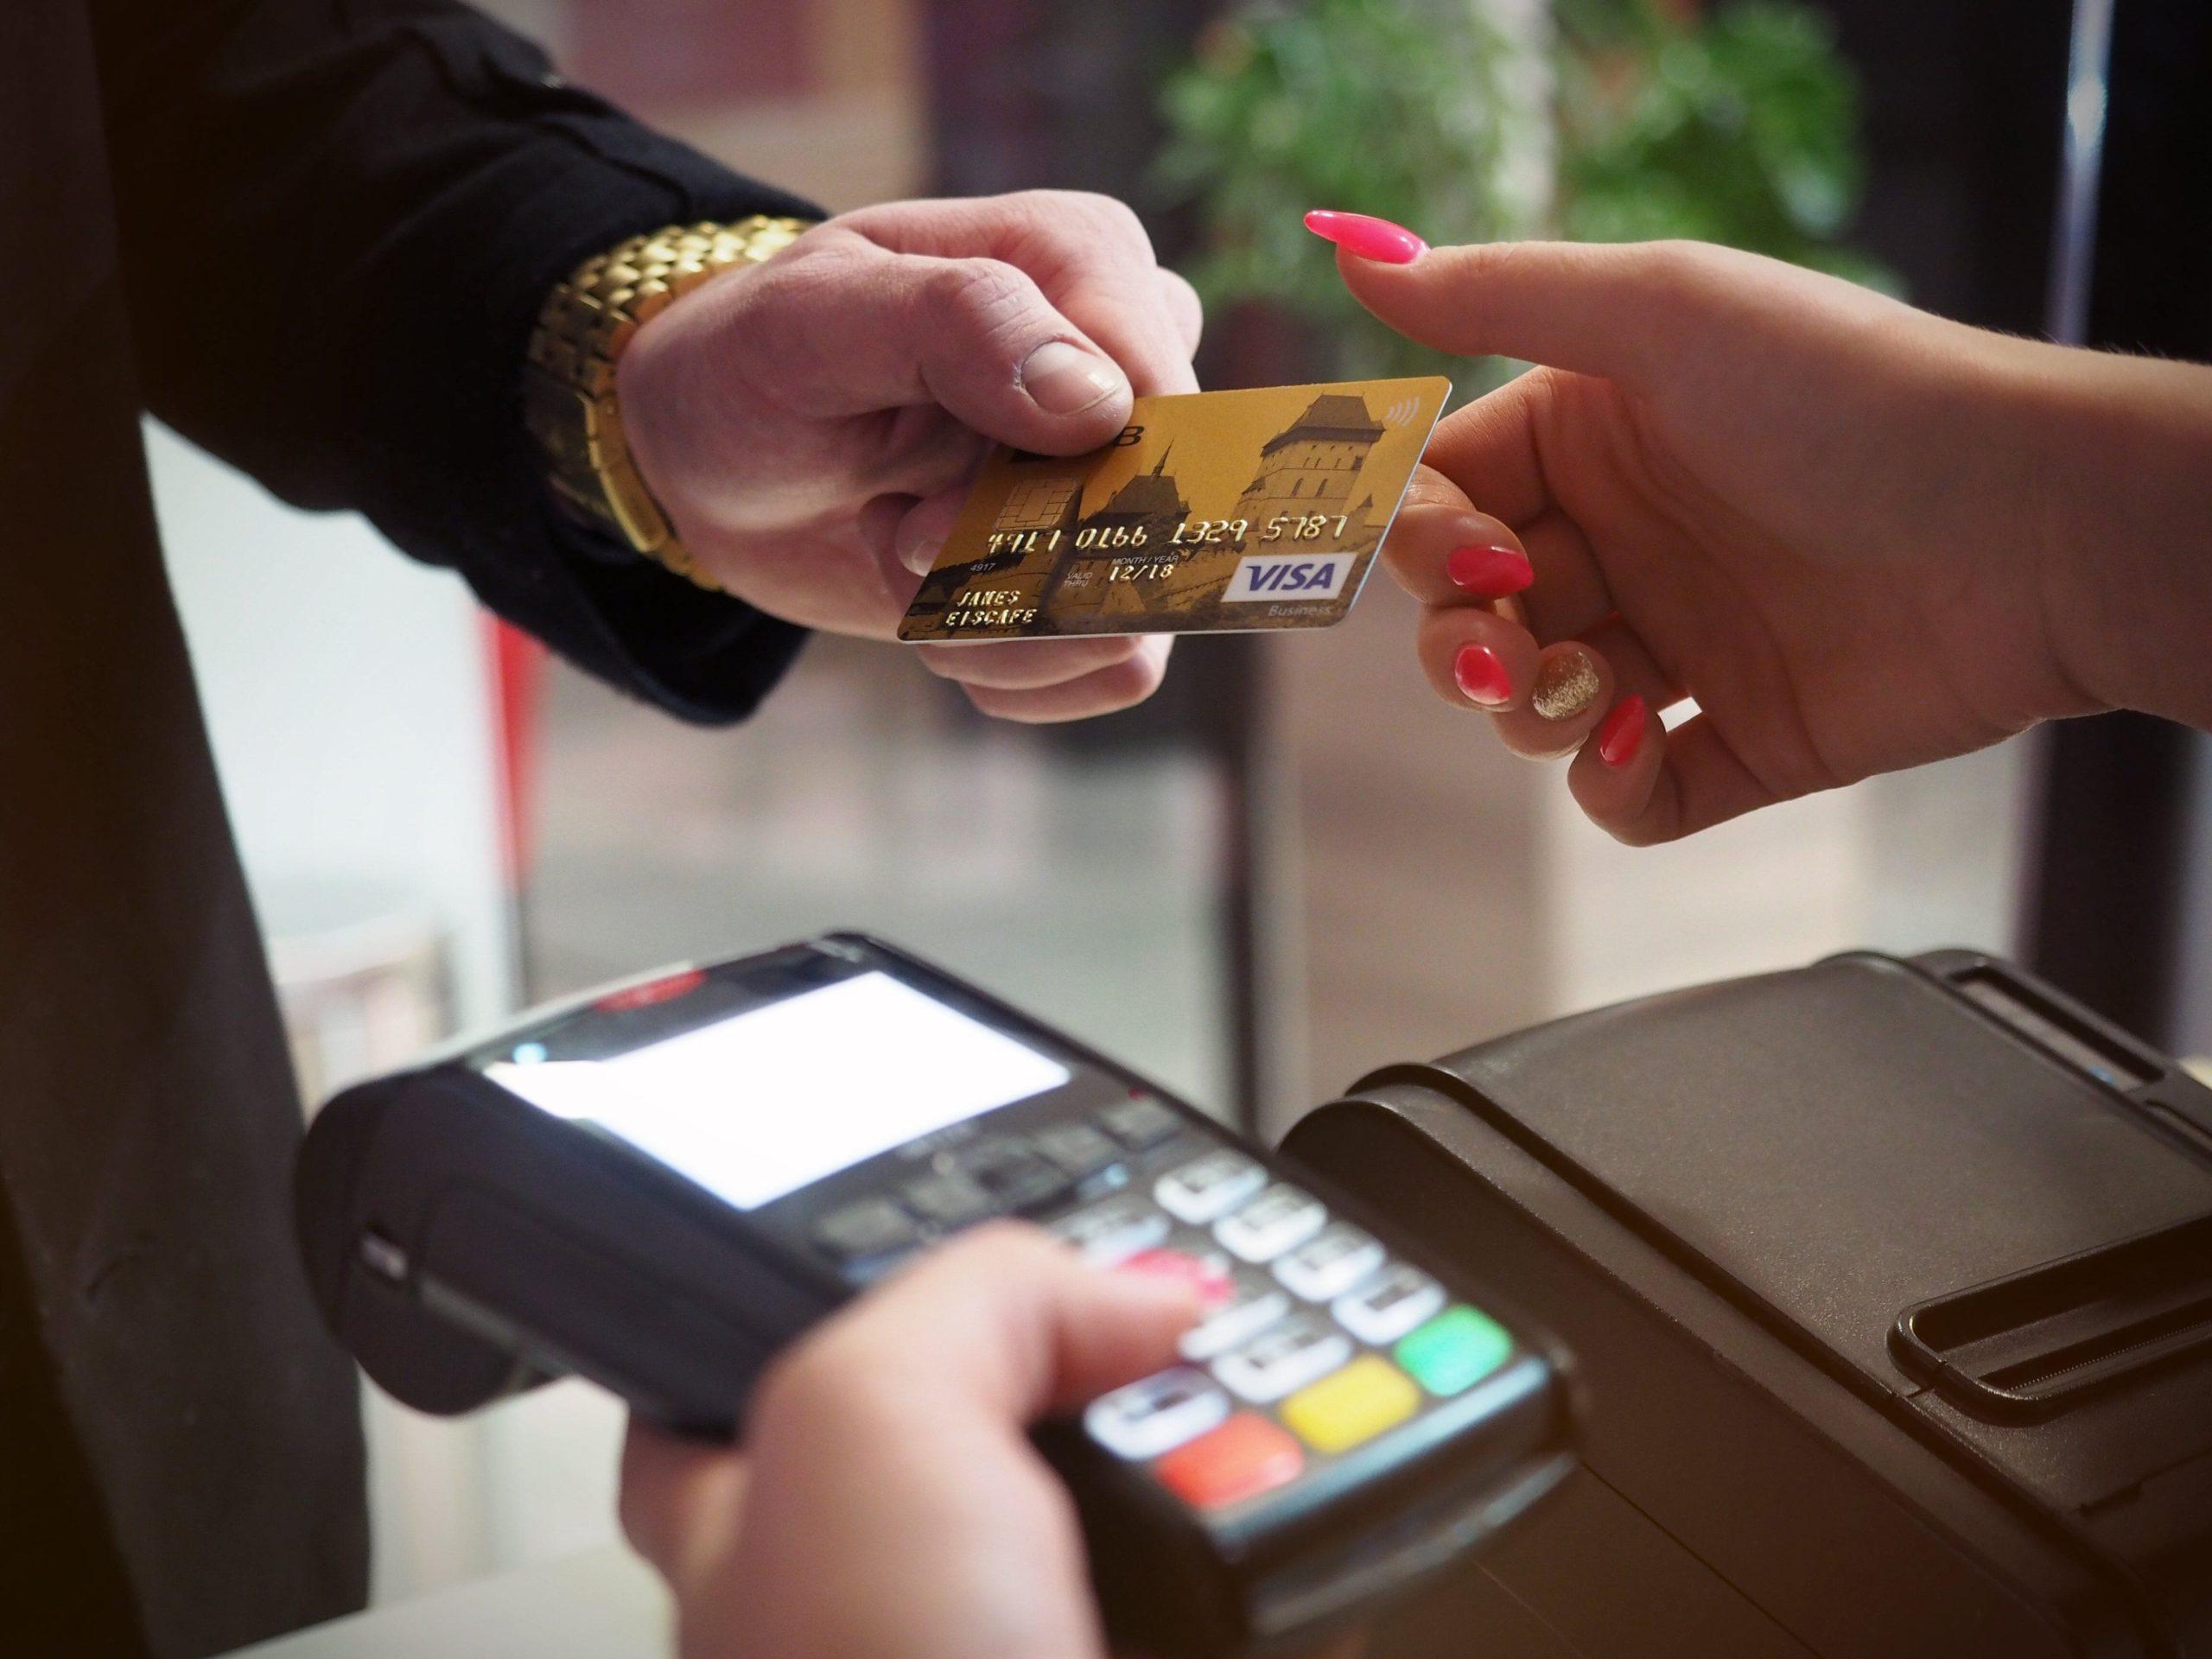 Les 11 arnaques de voyage à éviter - Carte bancaire